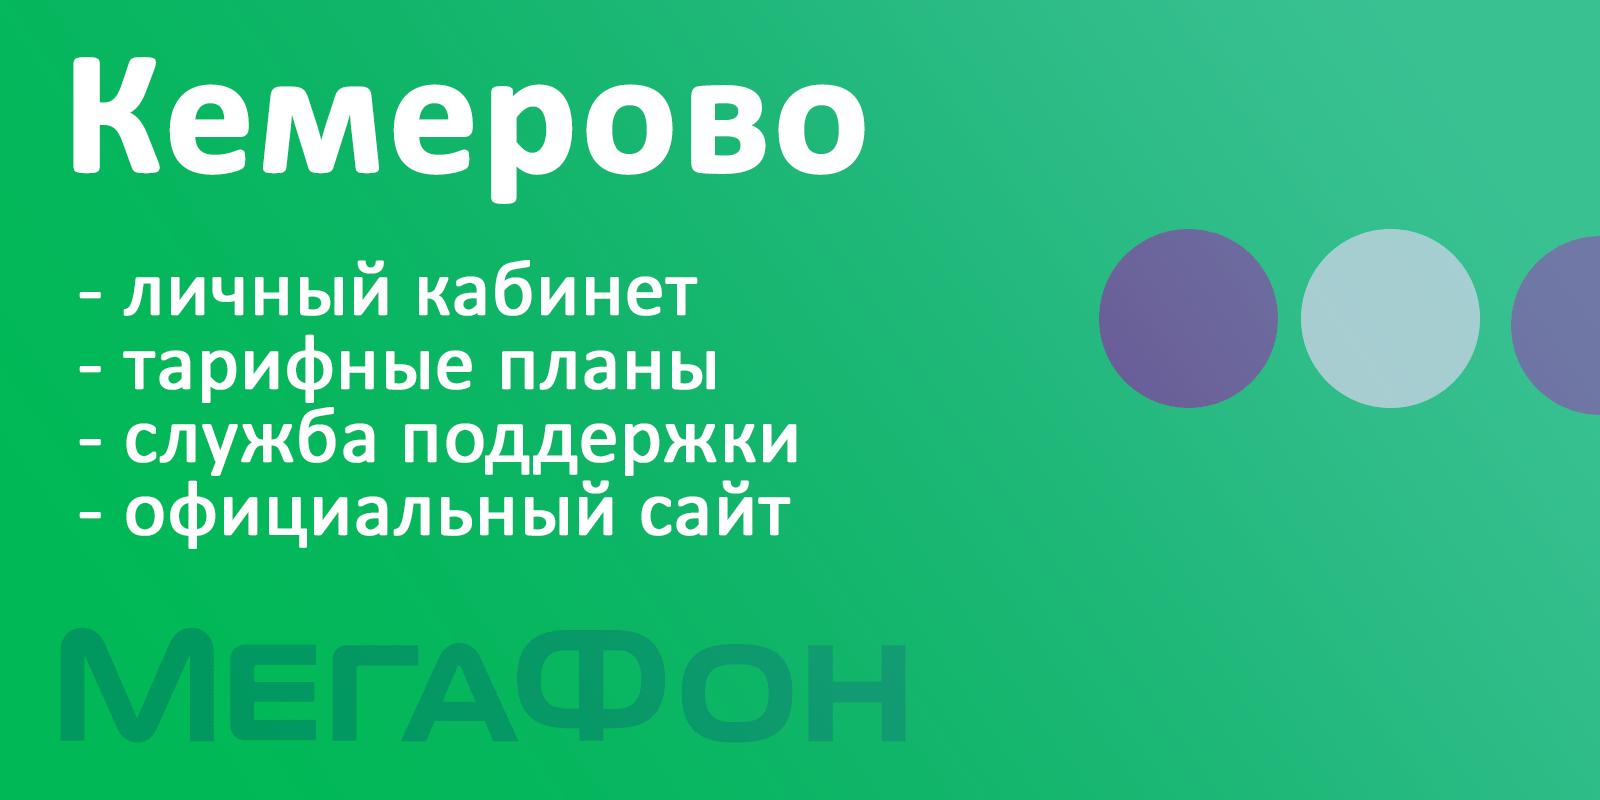 Мегафон в Кемерово - тарифы, официальный сайт, личный кабинет